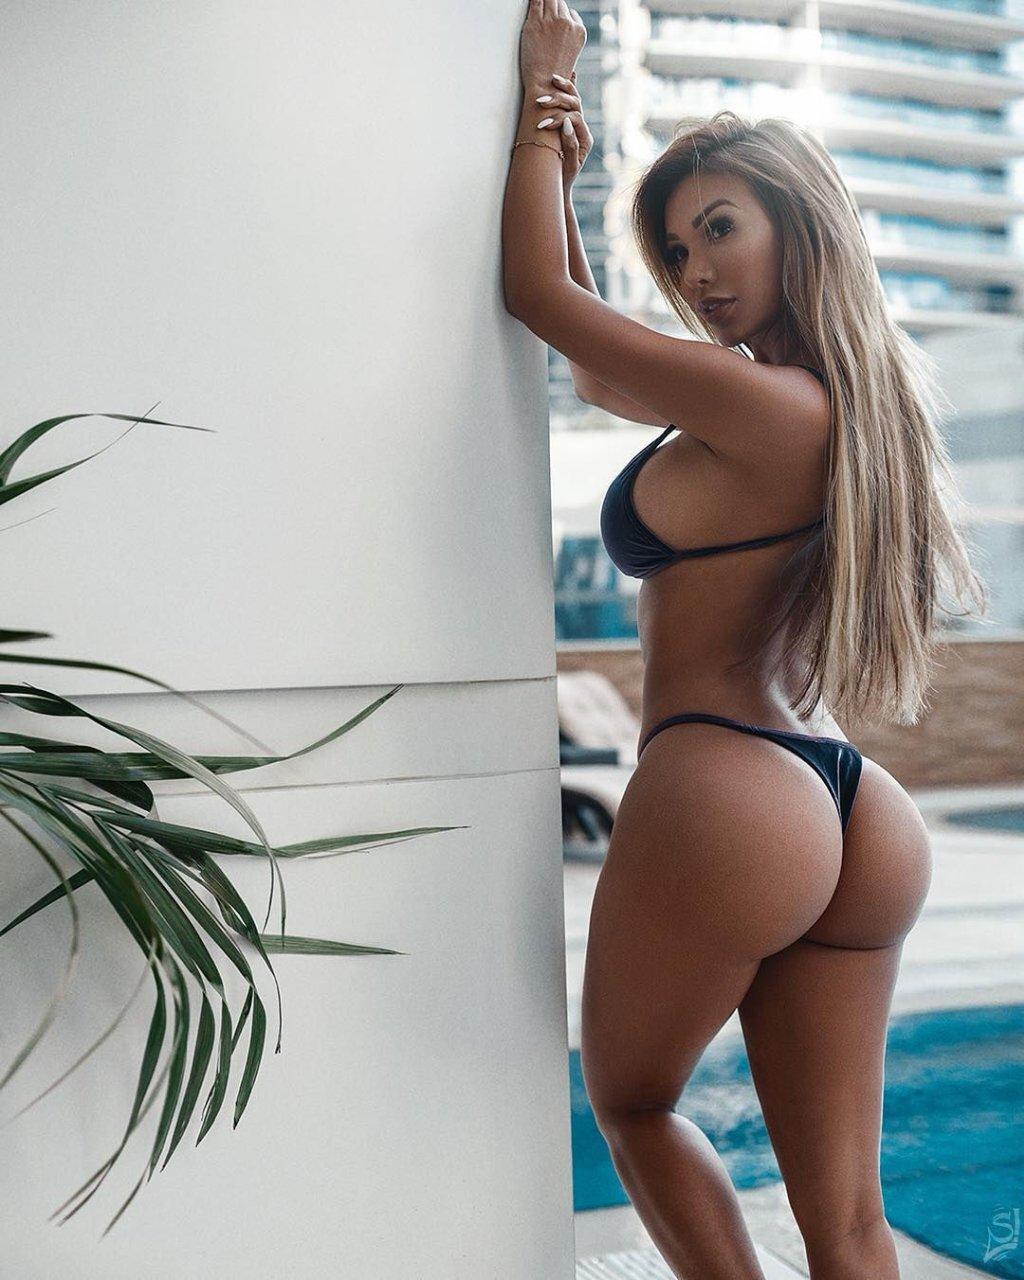 Paula fatic ass